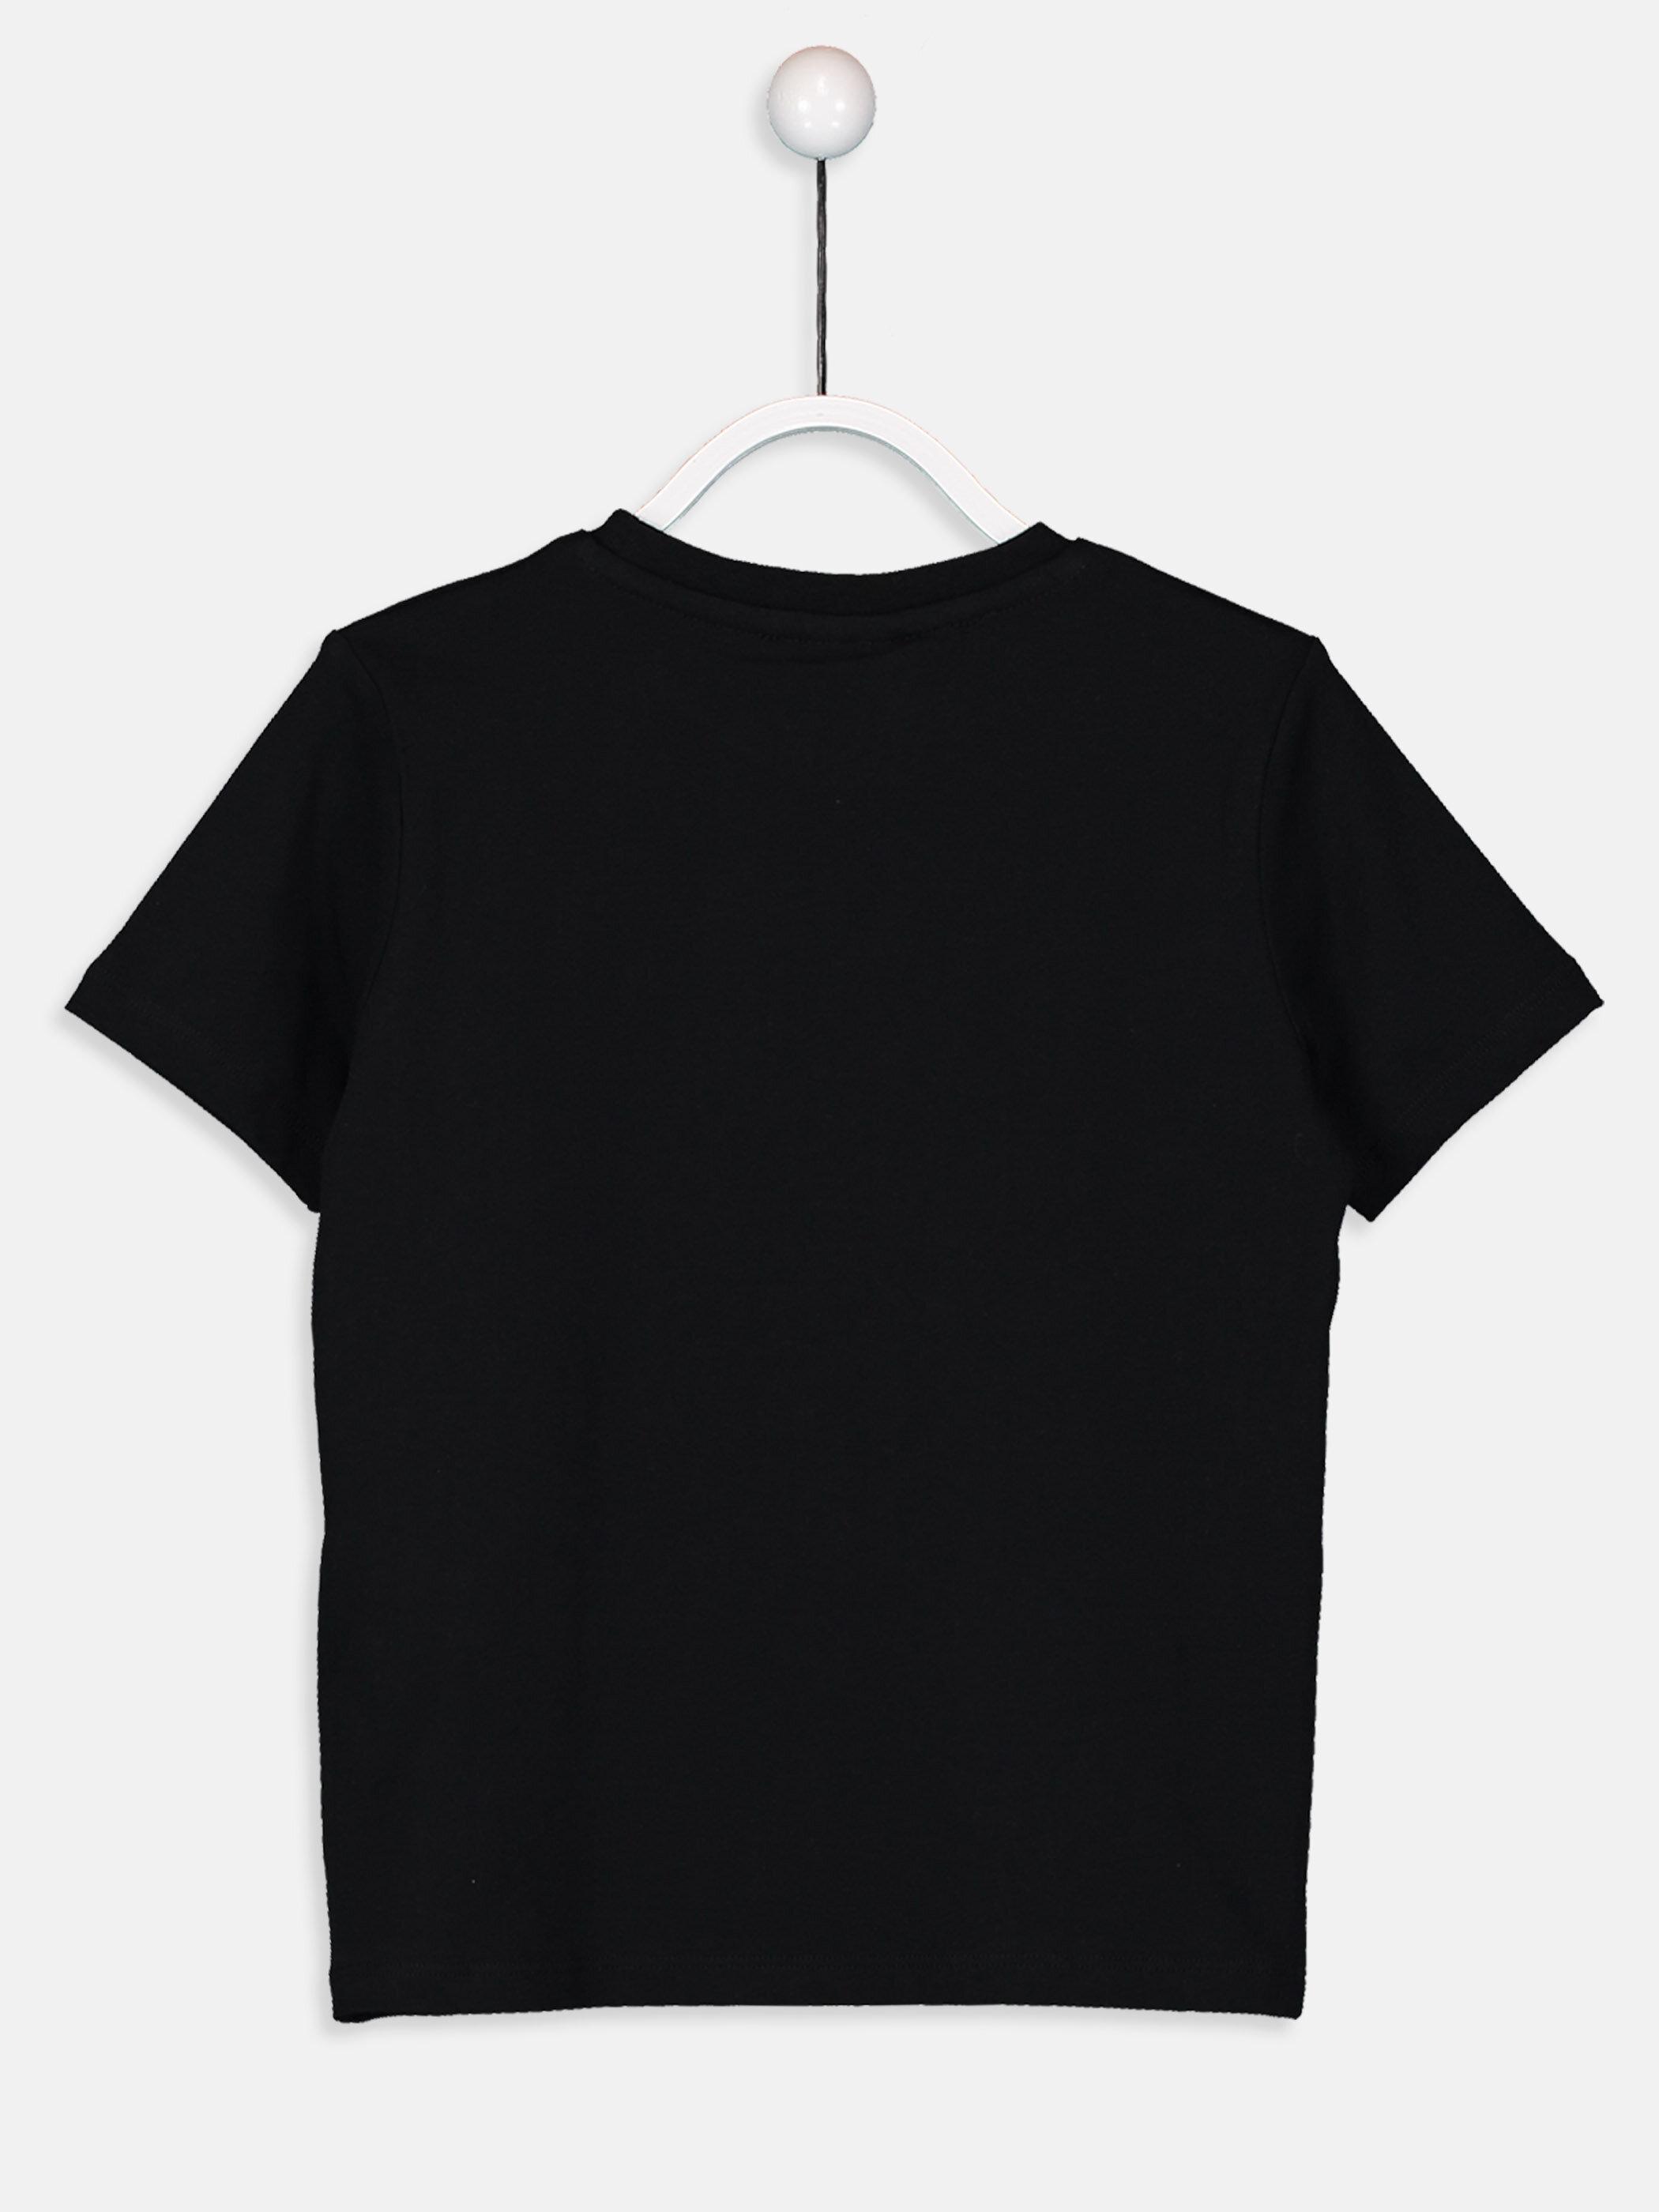 Erkek Çocuk Yazı Baskılı Pamuklu Tişört -9SJ902Z4-CVL